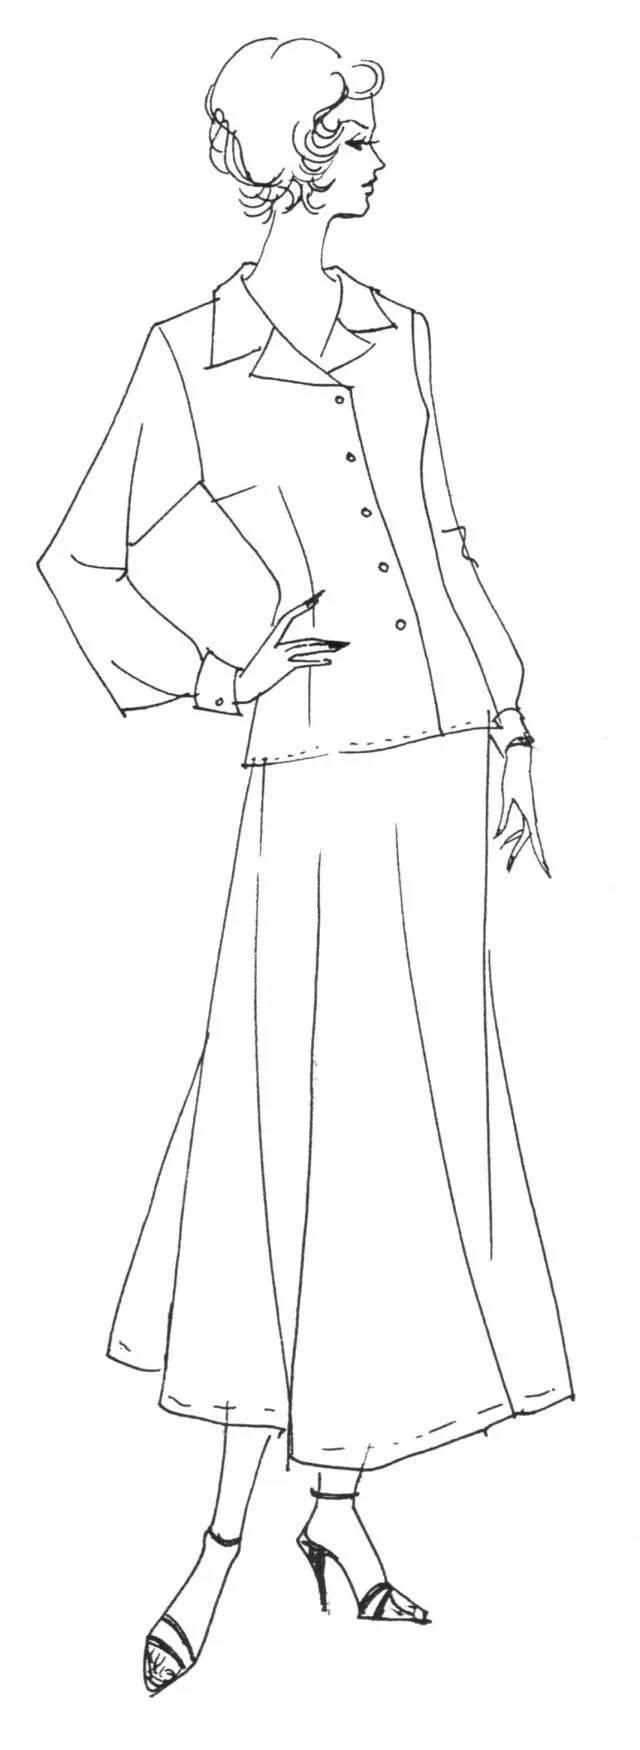 女袖子款式图手绘